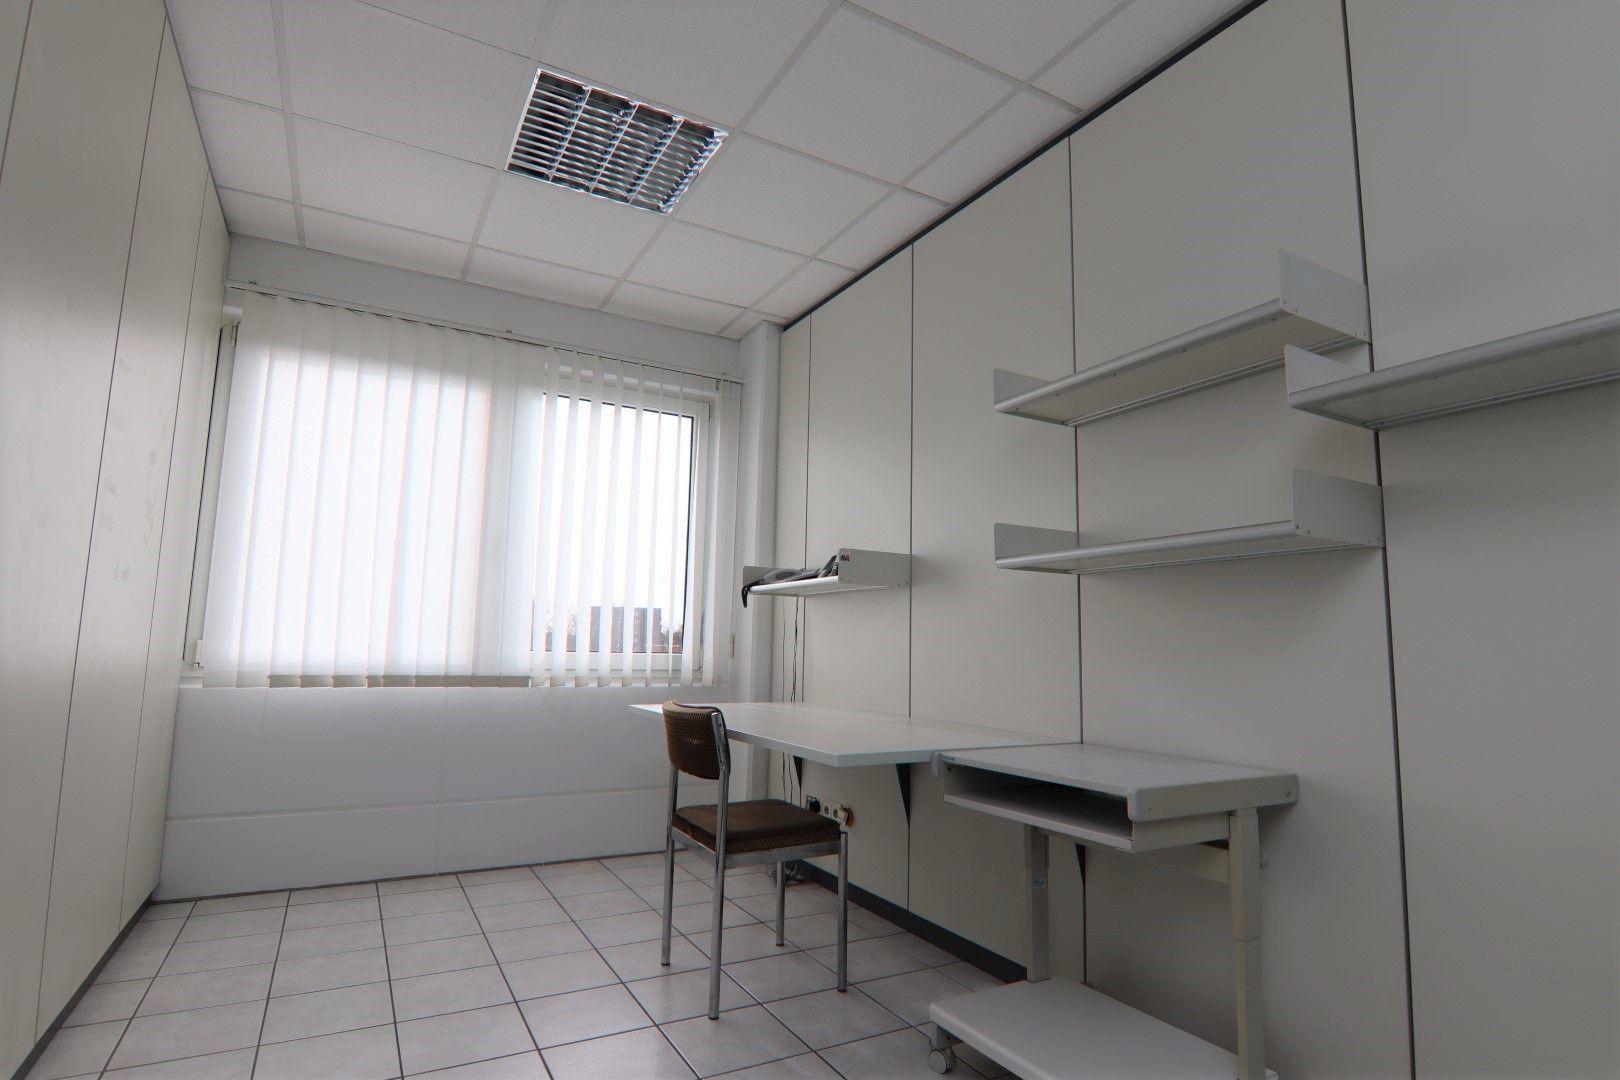 Immobilie Nr.0295 - Bürofläche mit WC-Anlage, Küche u. Aufzug - Bild 10.jpg